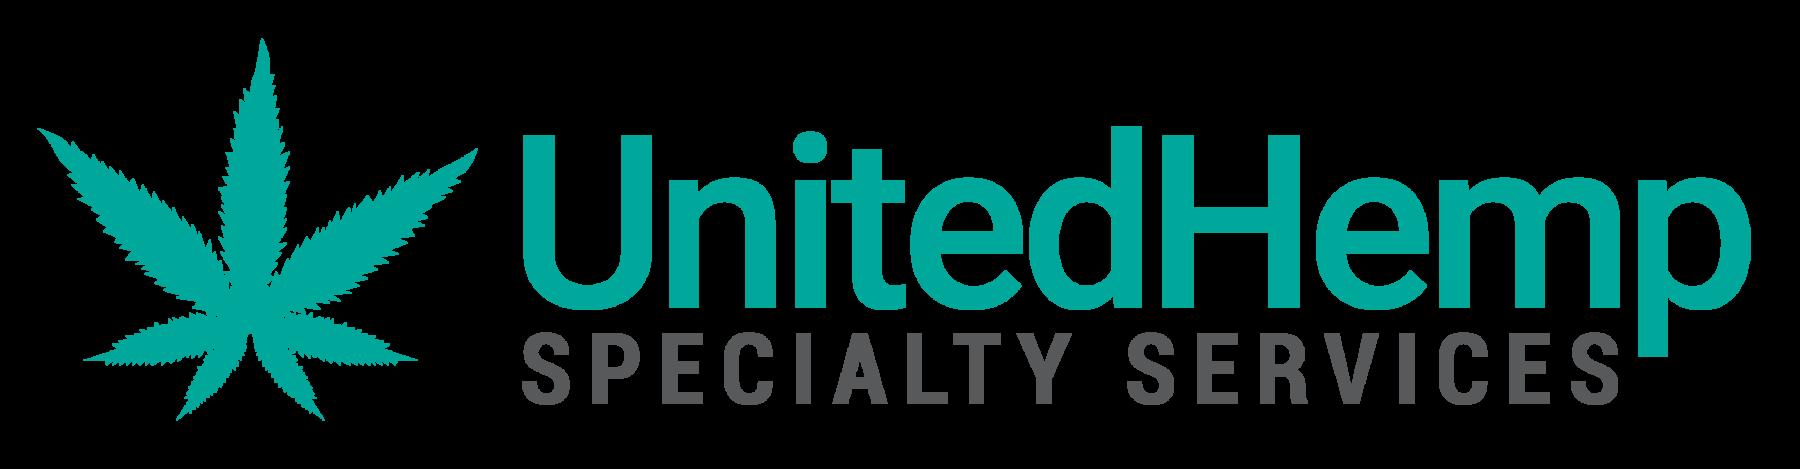 united hemp franchise